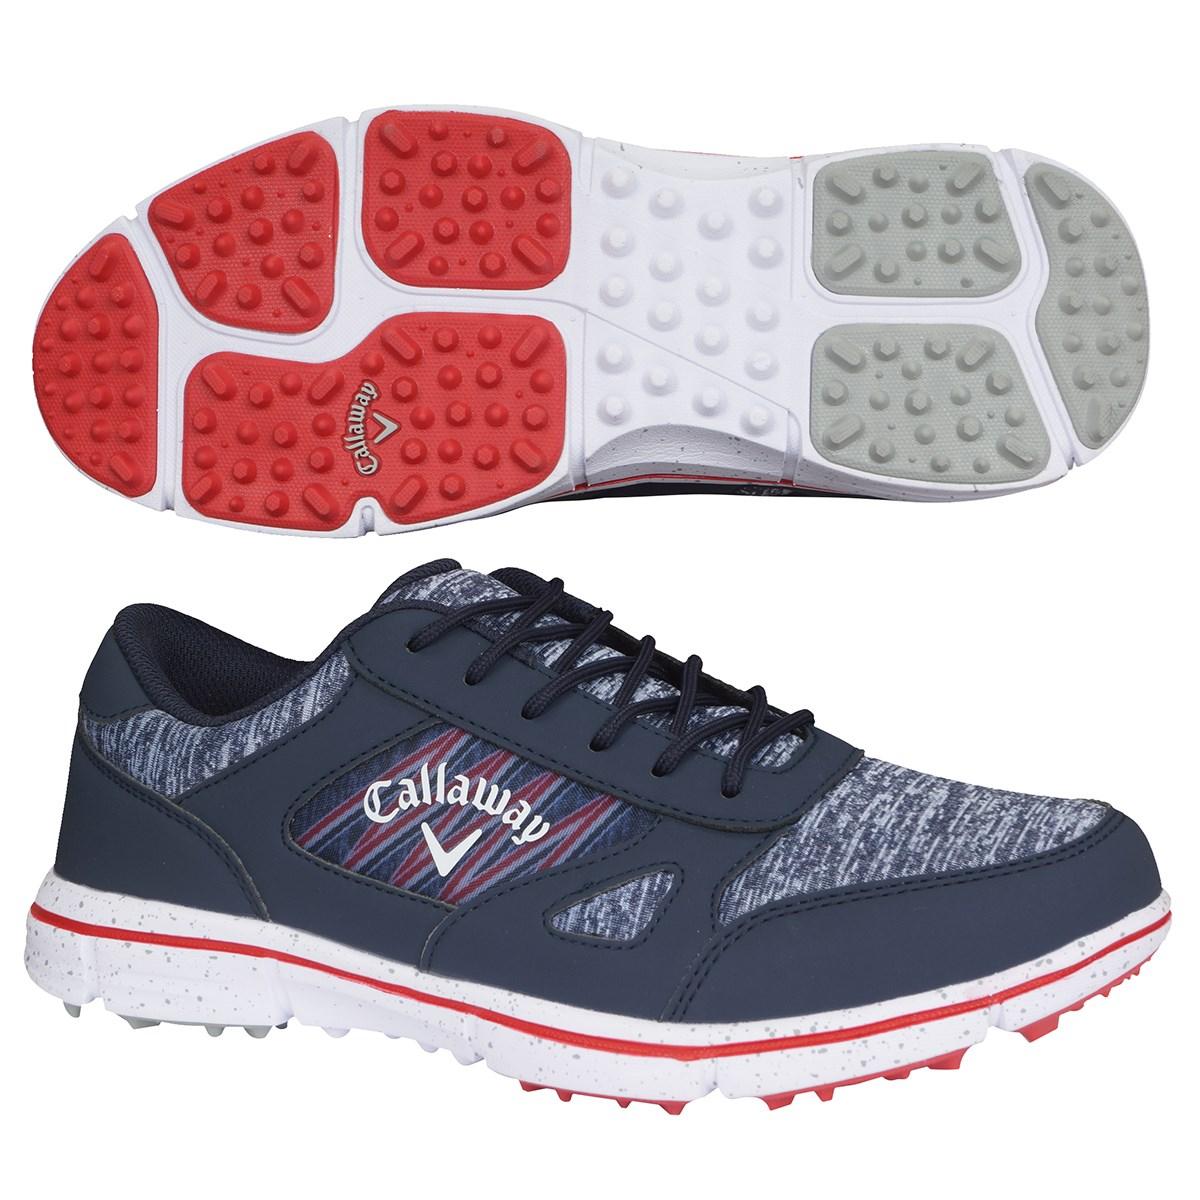 キャロウェイゴルフ(Callaway Golf) SOLAIRE 20 ゴルフシューズ